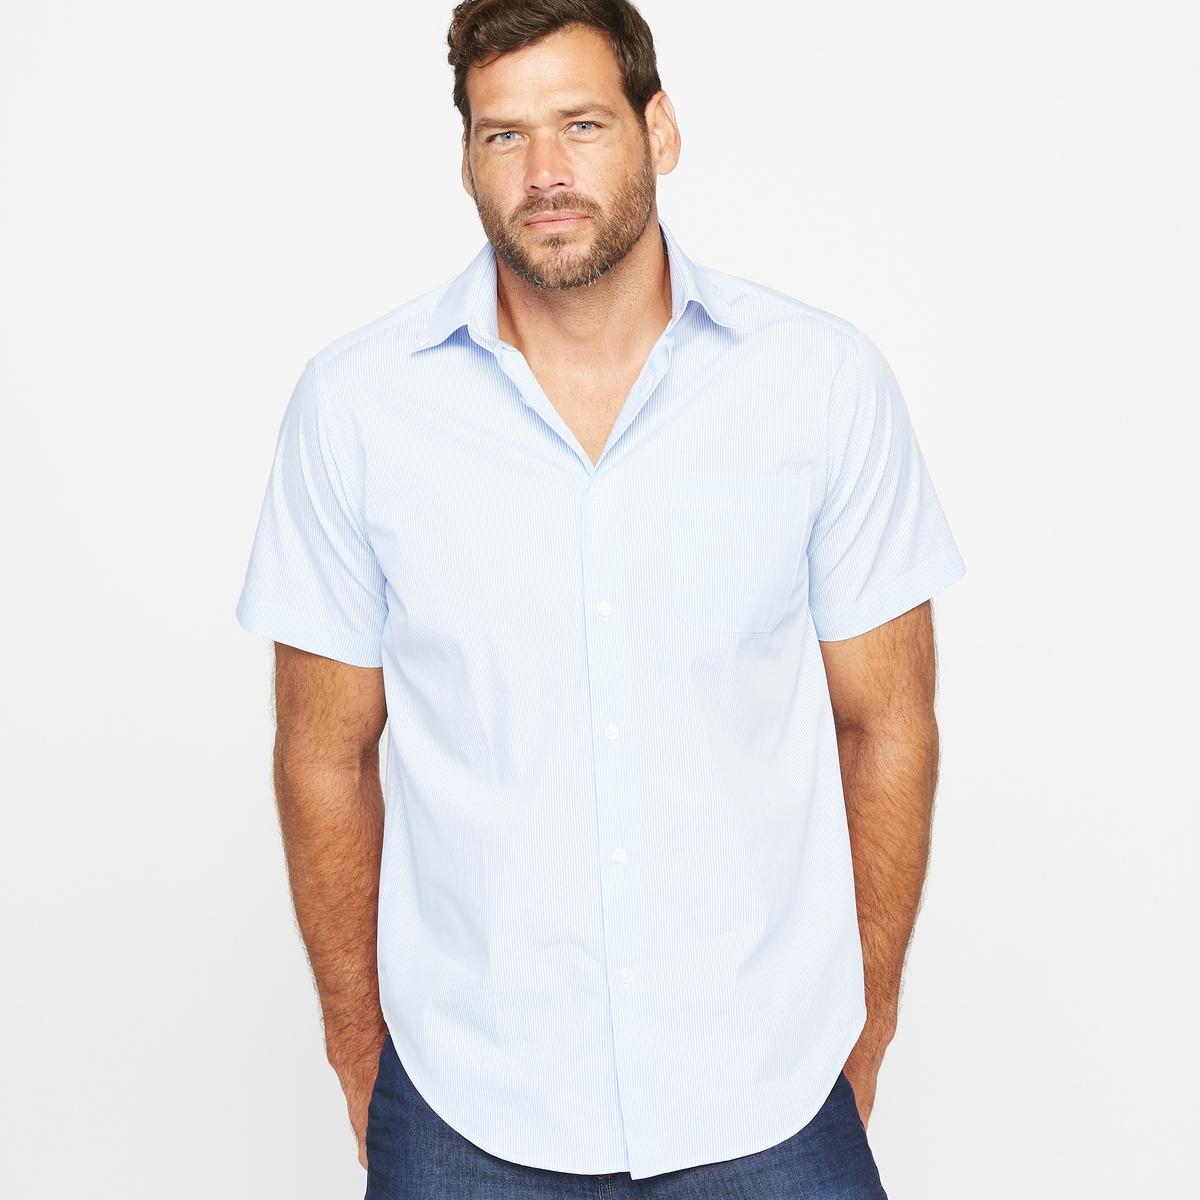 Рубашка, рост 1 и 2 (до 187 см)Рубашка из поплина, рост 1 и 2 (до 187 см).Удобный покрой.Воротник с уголками на пуговицах.Короткие рукава.1 нагрудный карман.2 складки на спине. Слегка закругленный низ.Эта мужская рубашка существует также на рост 3 (от 187 см).Материал : поплин из 100% хлопка.Рост 1 и 2  : Длина передней части от 80 до 87 см в зависимости от размера.Марка : CASTALUNA FOR MEN.Уход : Машинная стирка при 30 °C.<br><br>Цвет: в полоску белый/синий,наб. рисунок темно-синий,наб.рисунок/антрацит<br>Размер: 55/56.41/42.53/54.45/46.49/50.43/44